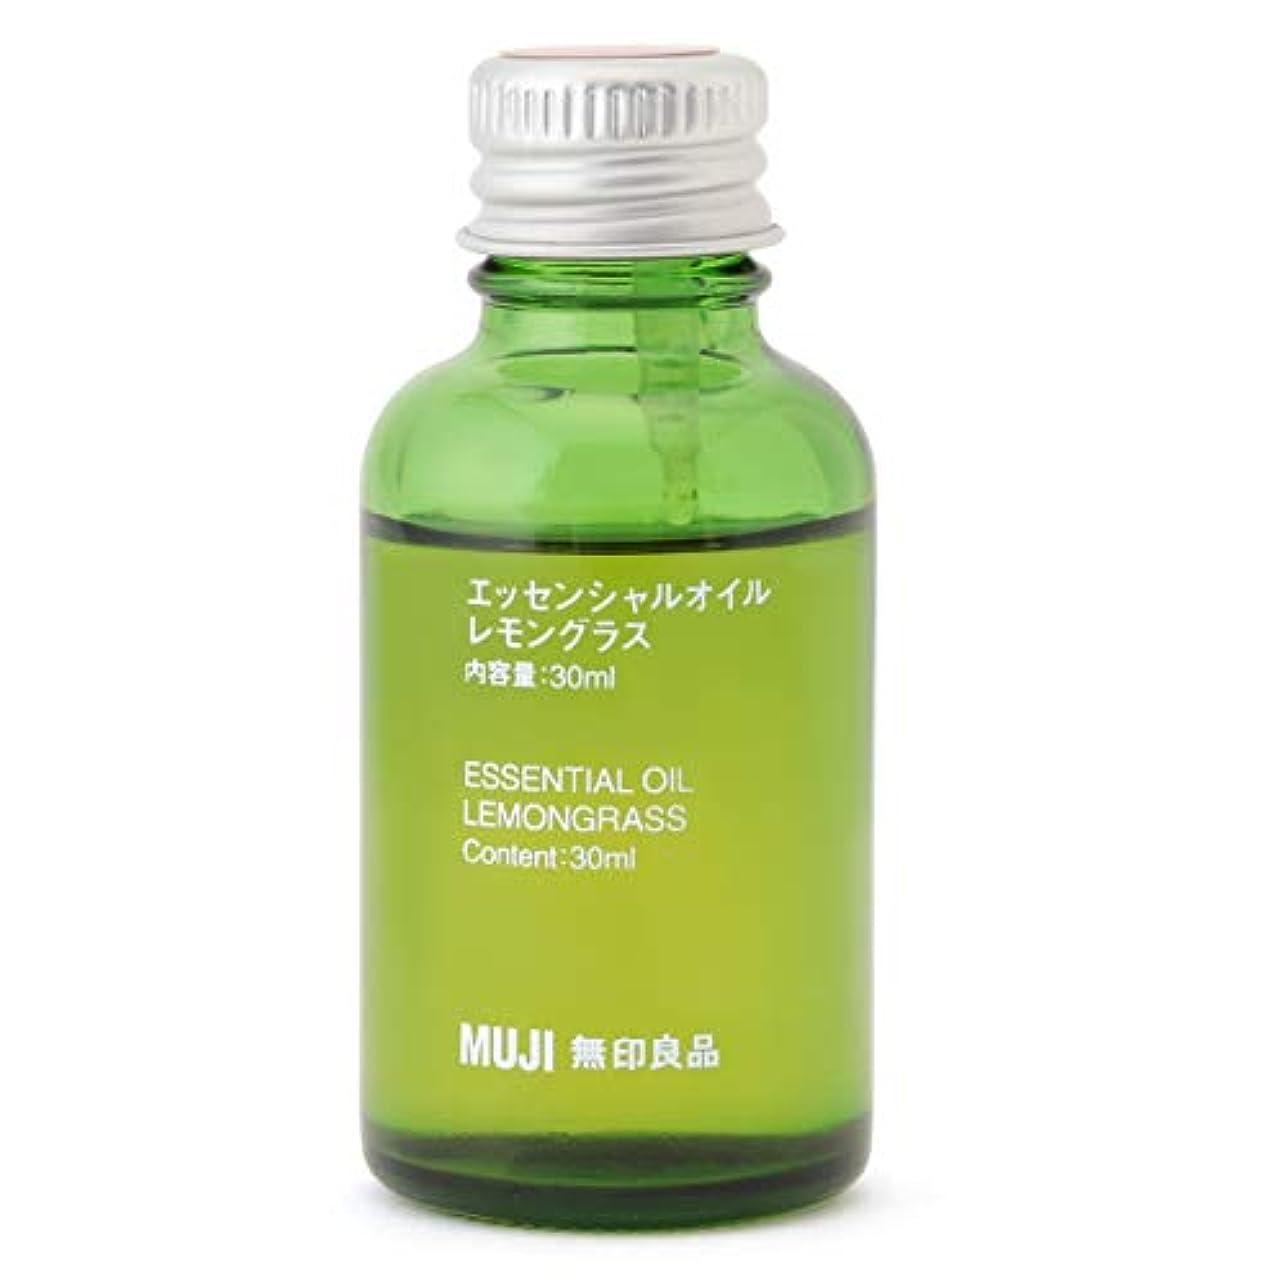 役割会議最初に【無印良品】エッセンシャルオイル30ml(レモングラス)